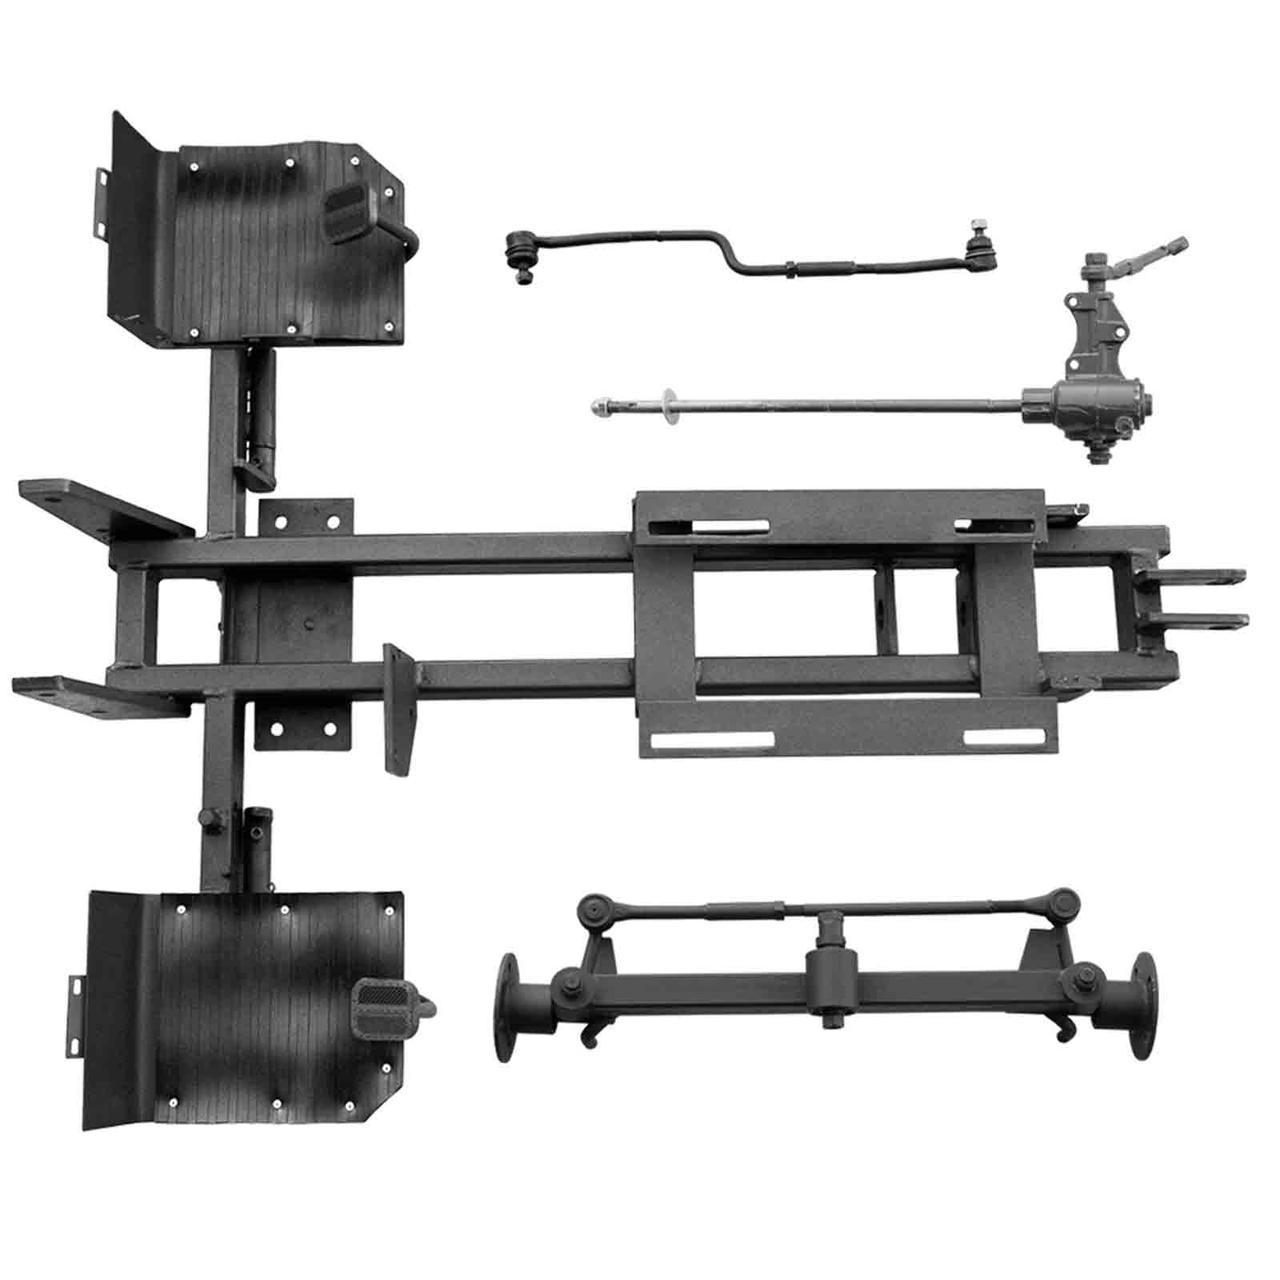 Комплект для переоборудования мотоблока КИТ набор №5(к-т под ротор косилку,подьем мех-мы+к-т фрезы,4 шпильки)